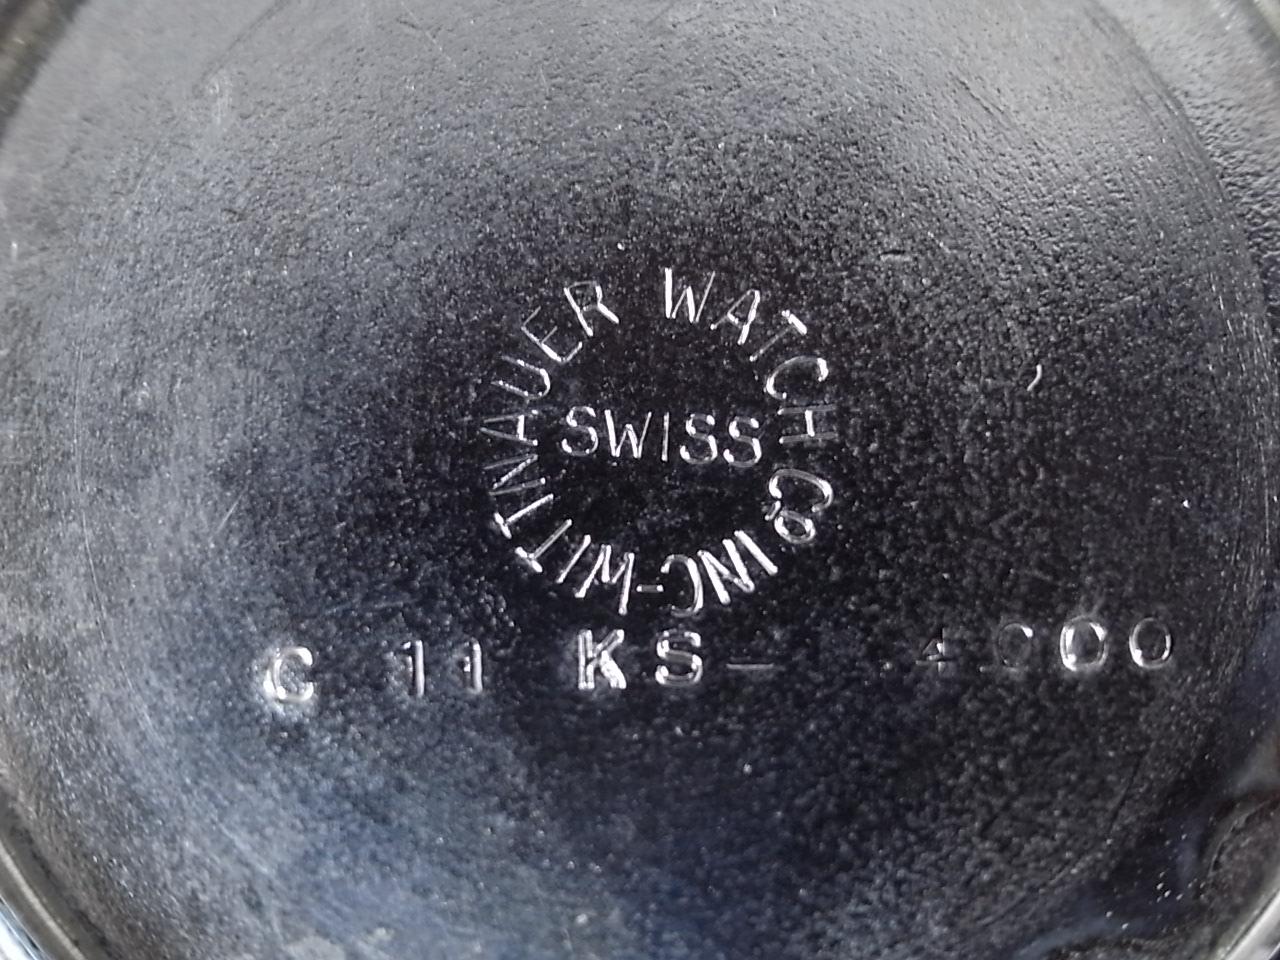 ウィットナー ダイバーズウォッチ ニューオールドストック(未使用品) 1960年代の写真6枚目